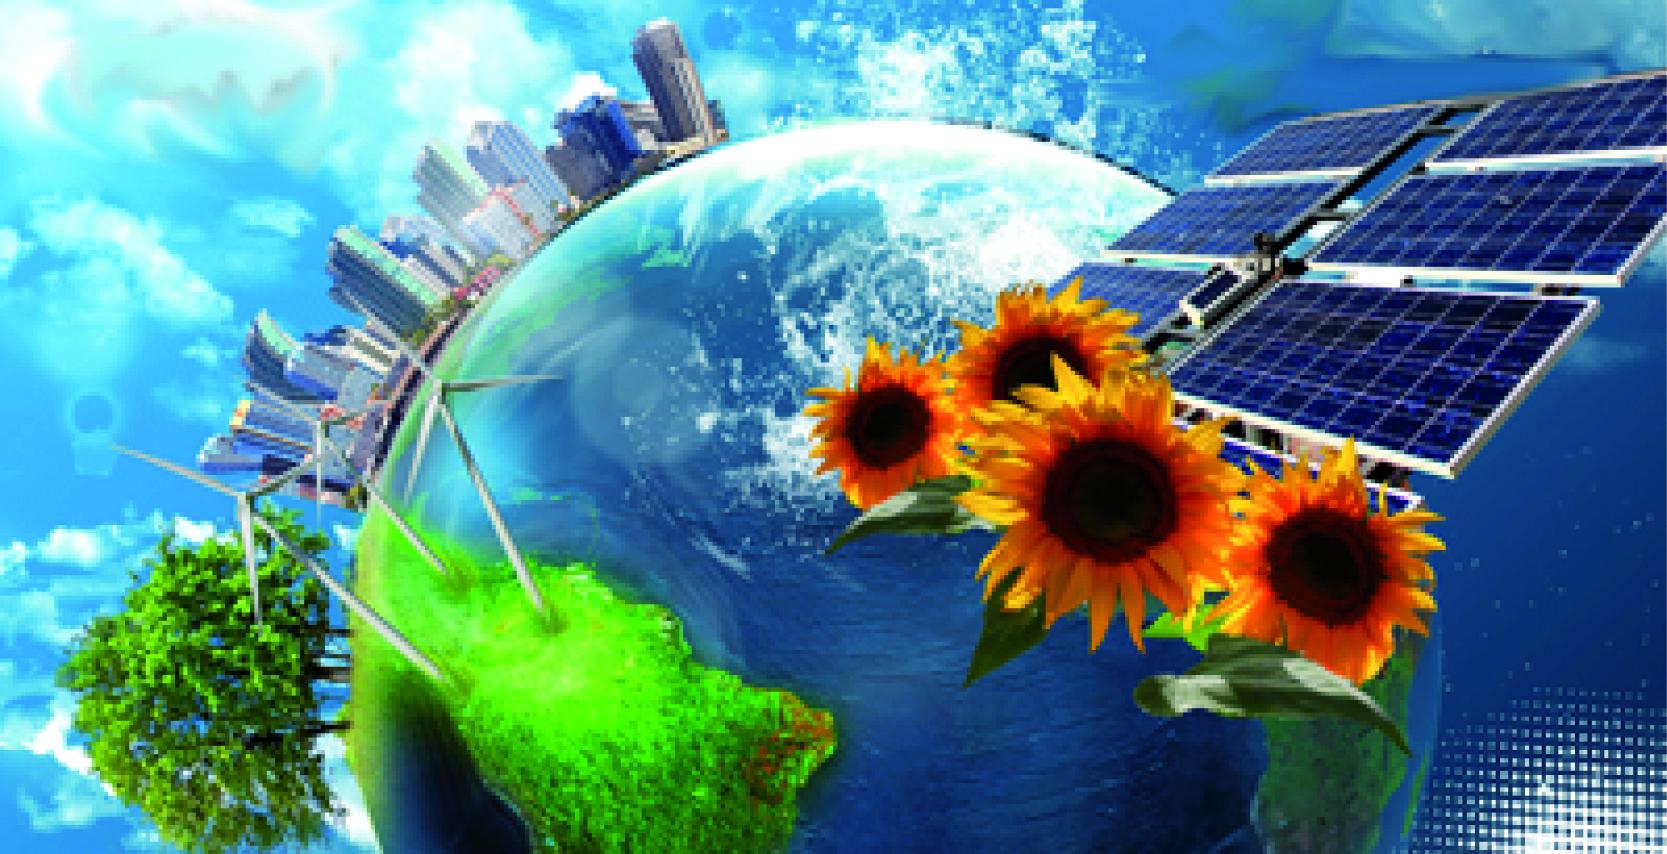 Tecnologías En Energías Ecológicas Y Cibernética